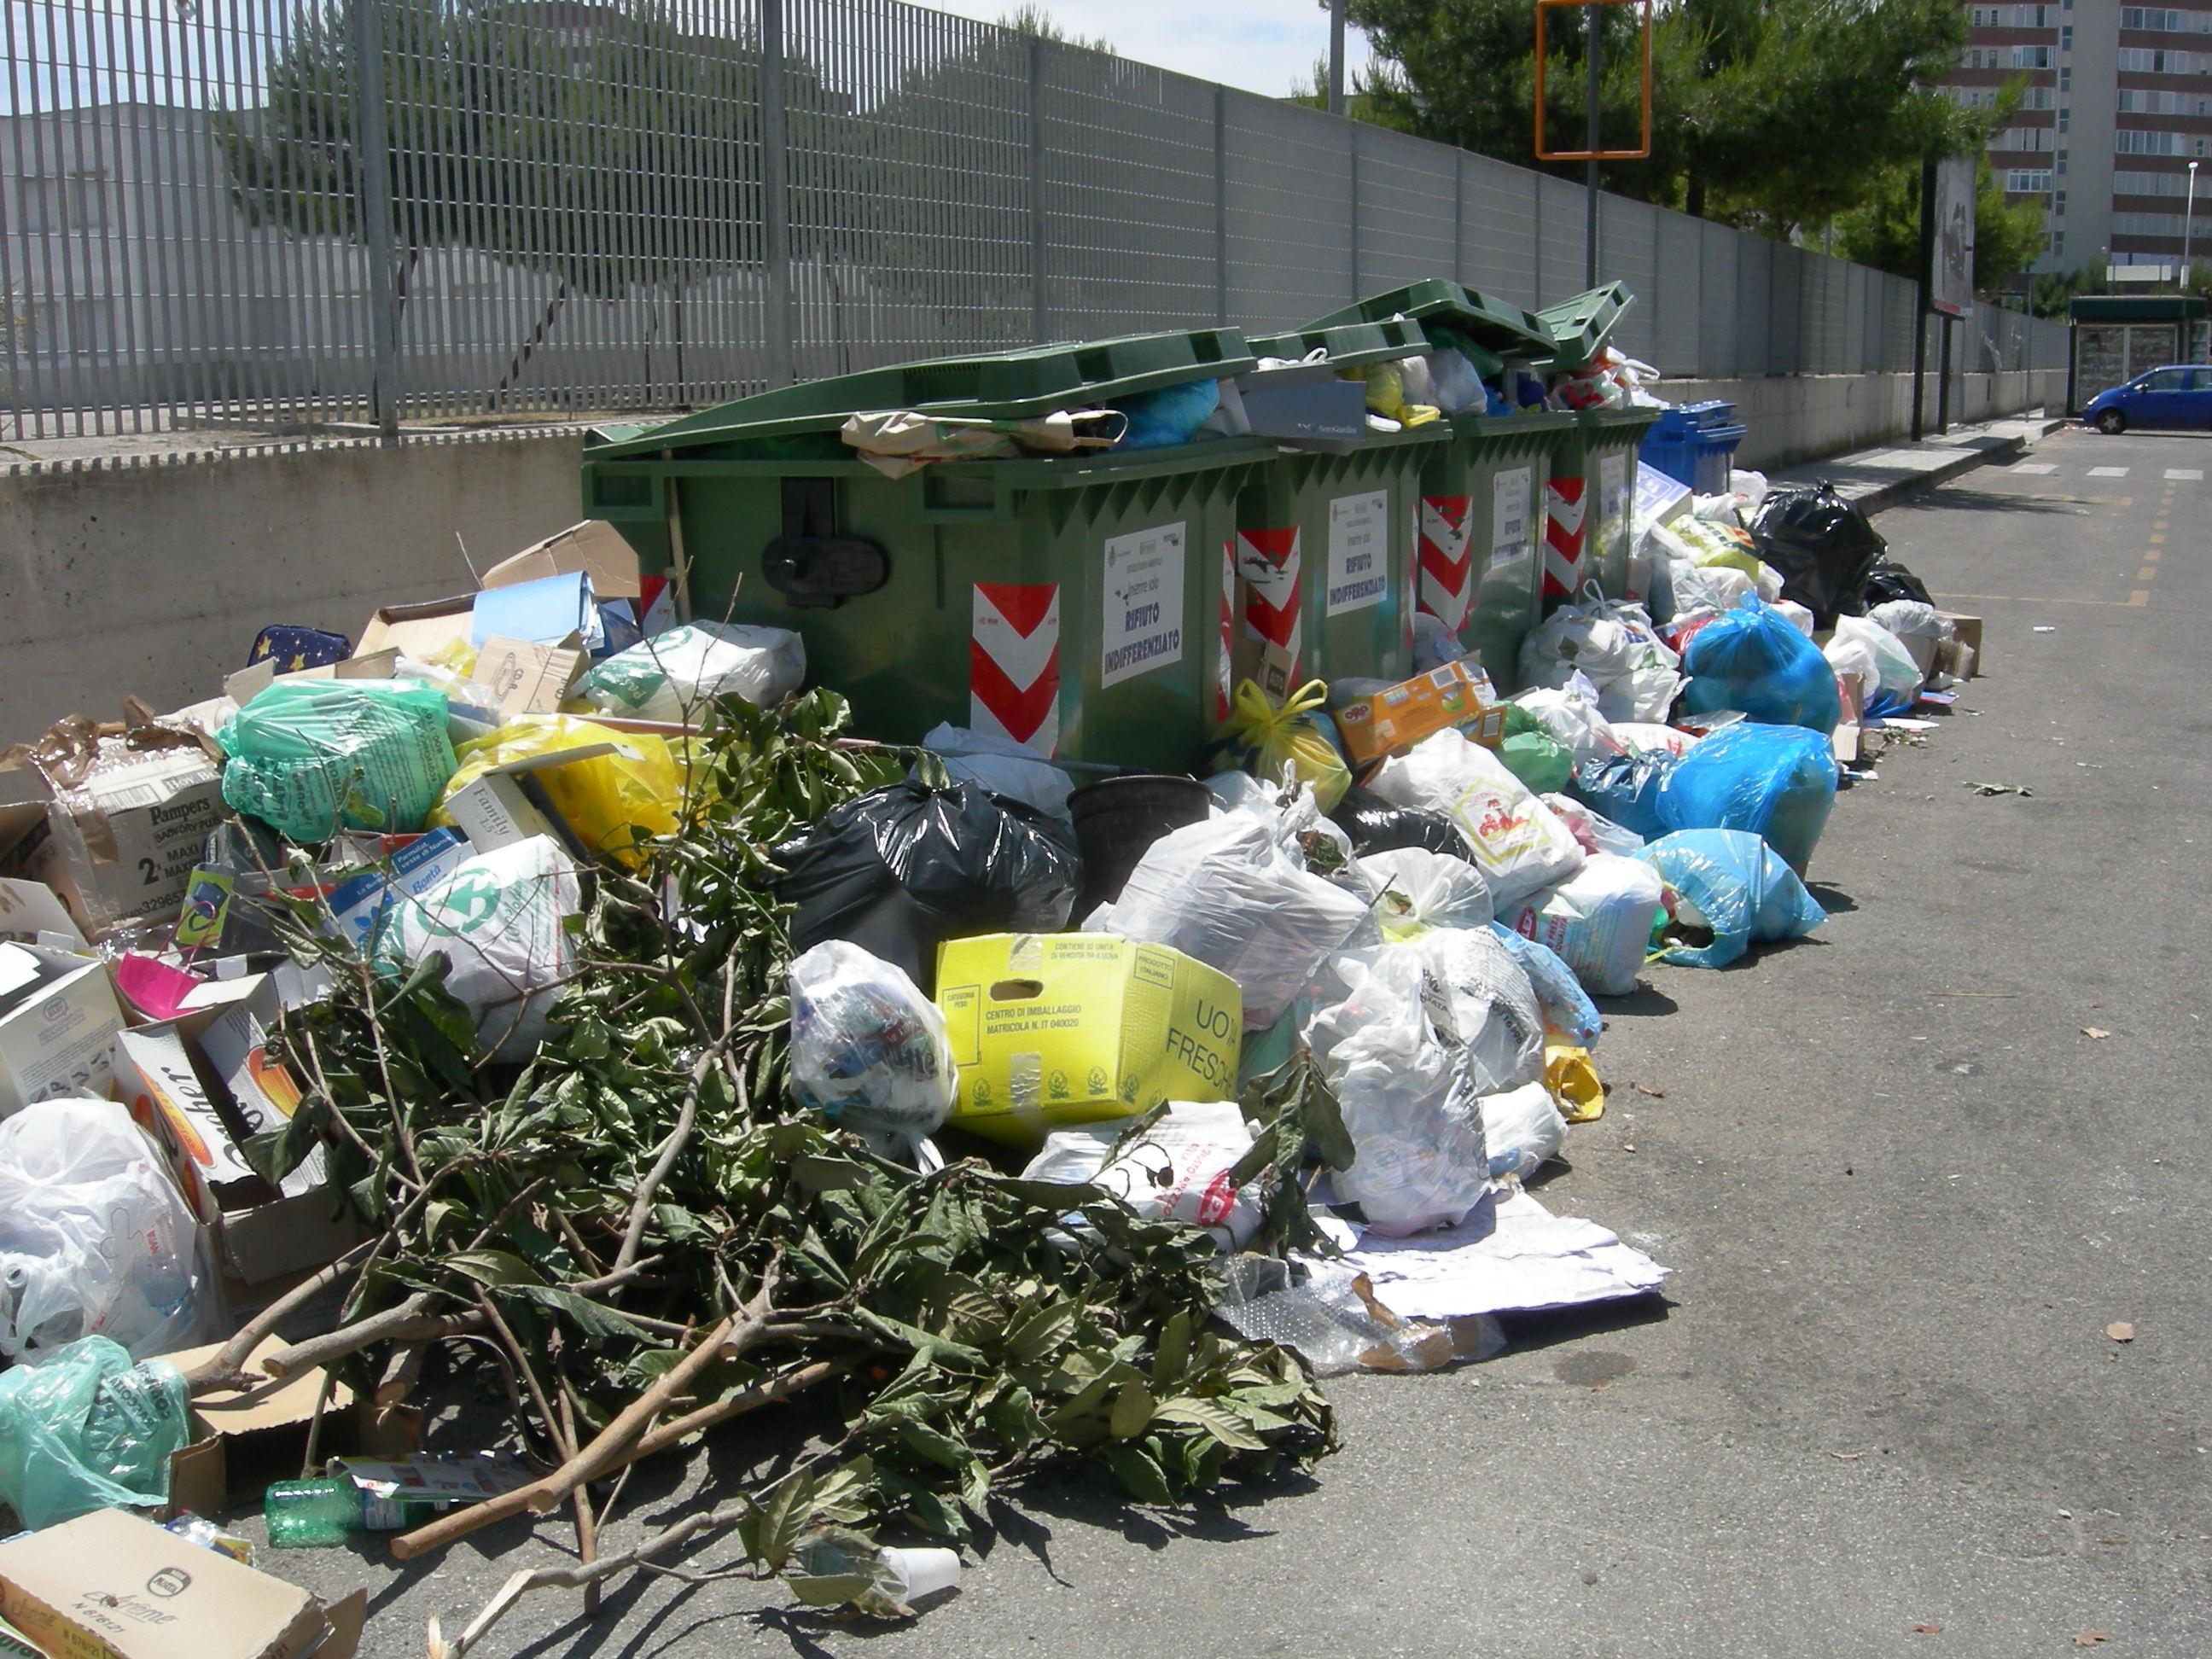 Conferimento illecito di rifiuti il comune attiva la for Conferimento rifiuti